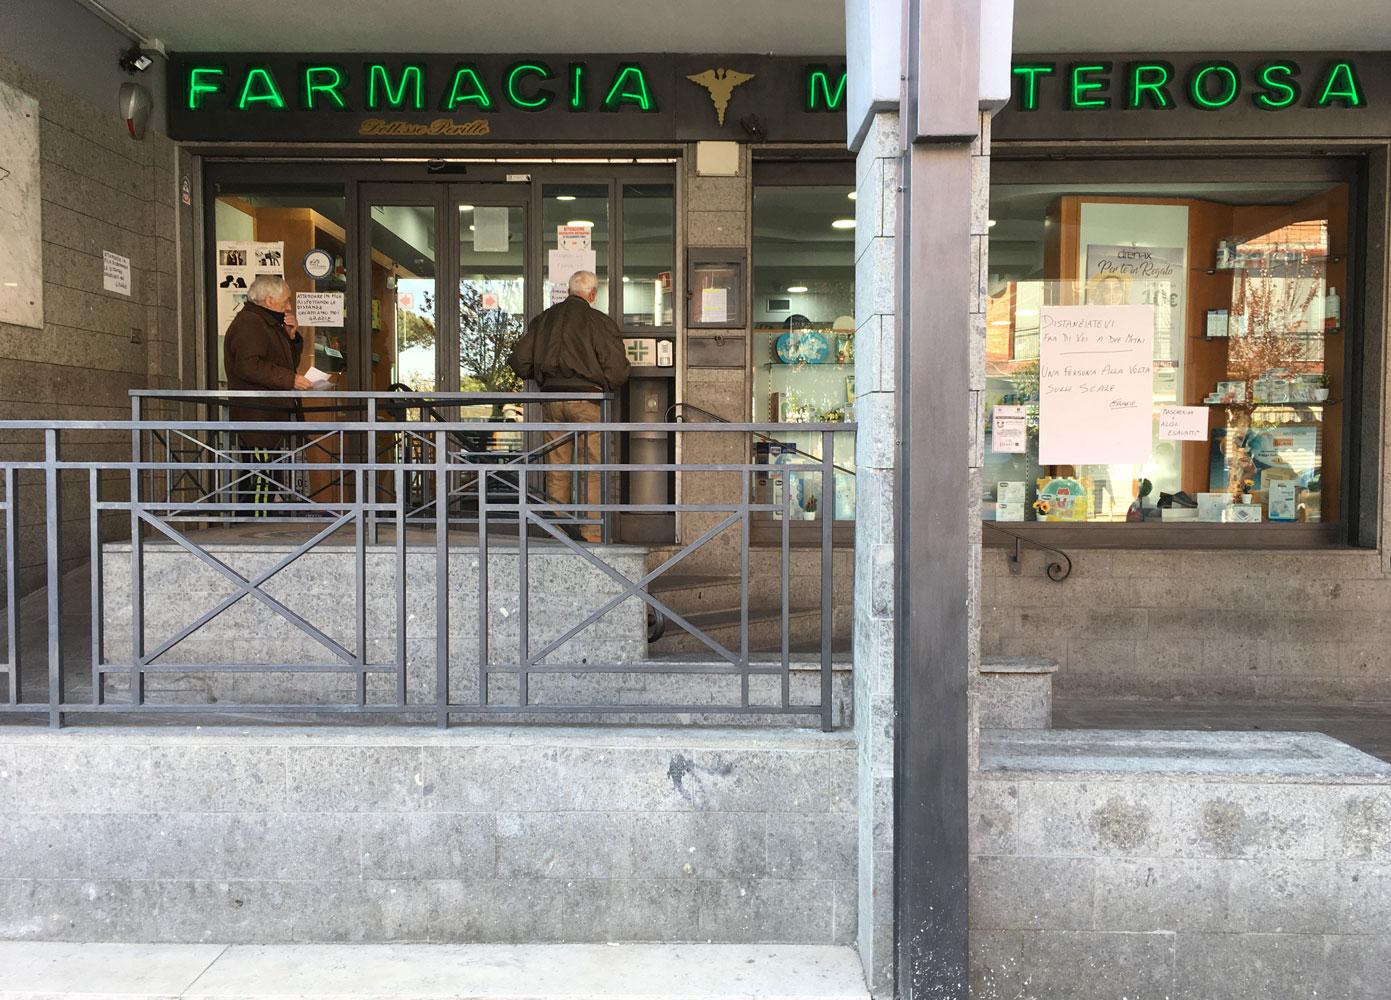 Farmacia che vieta l'ingresso ai clienti